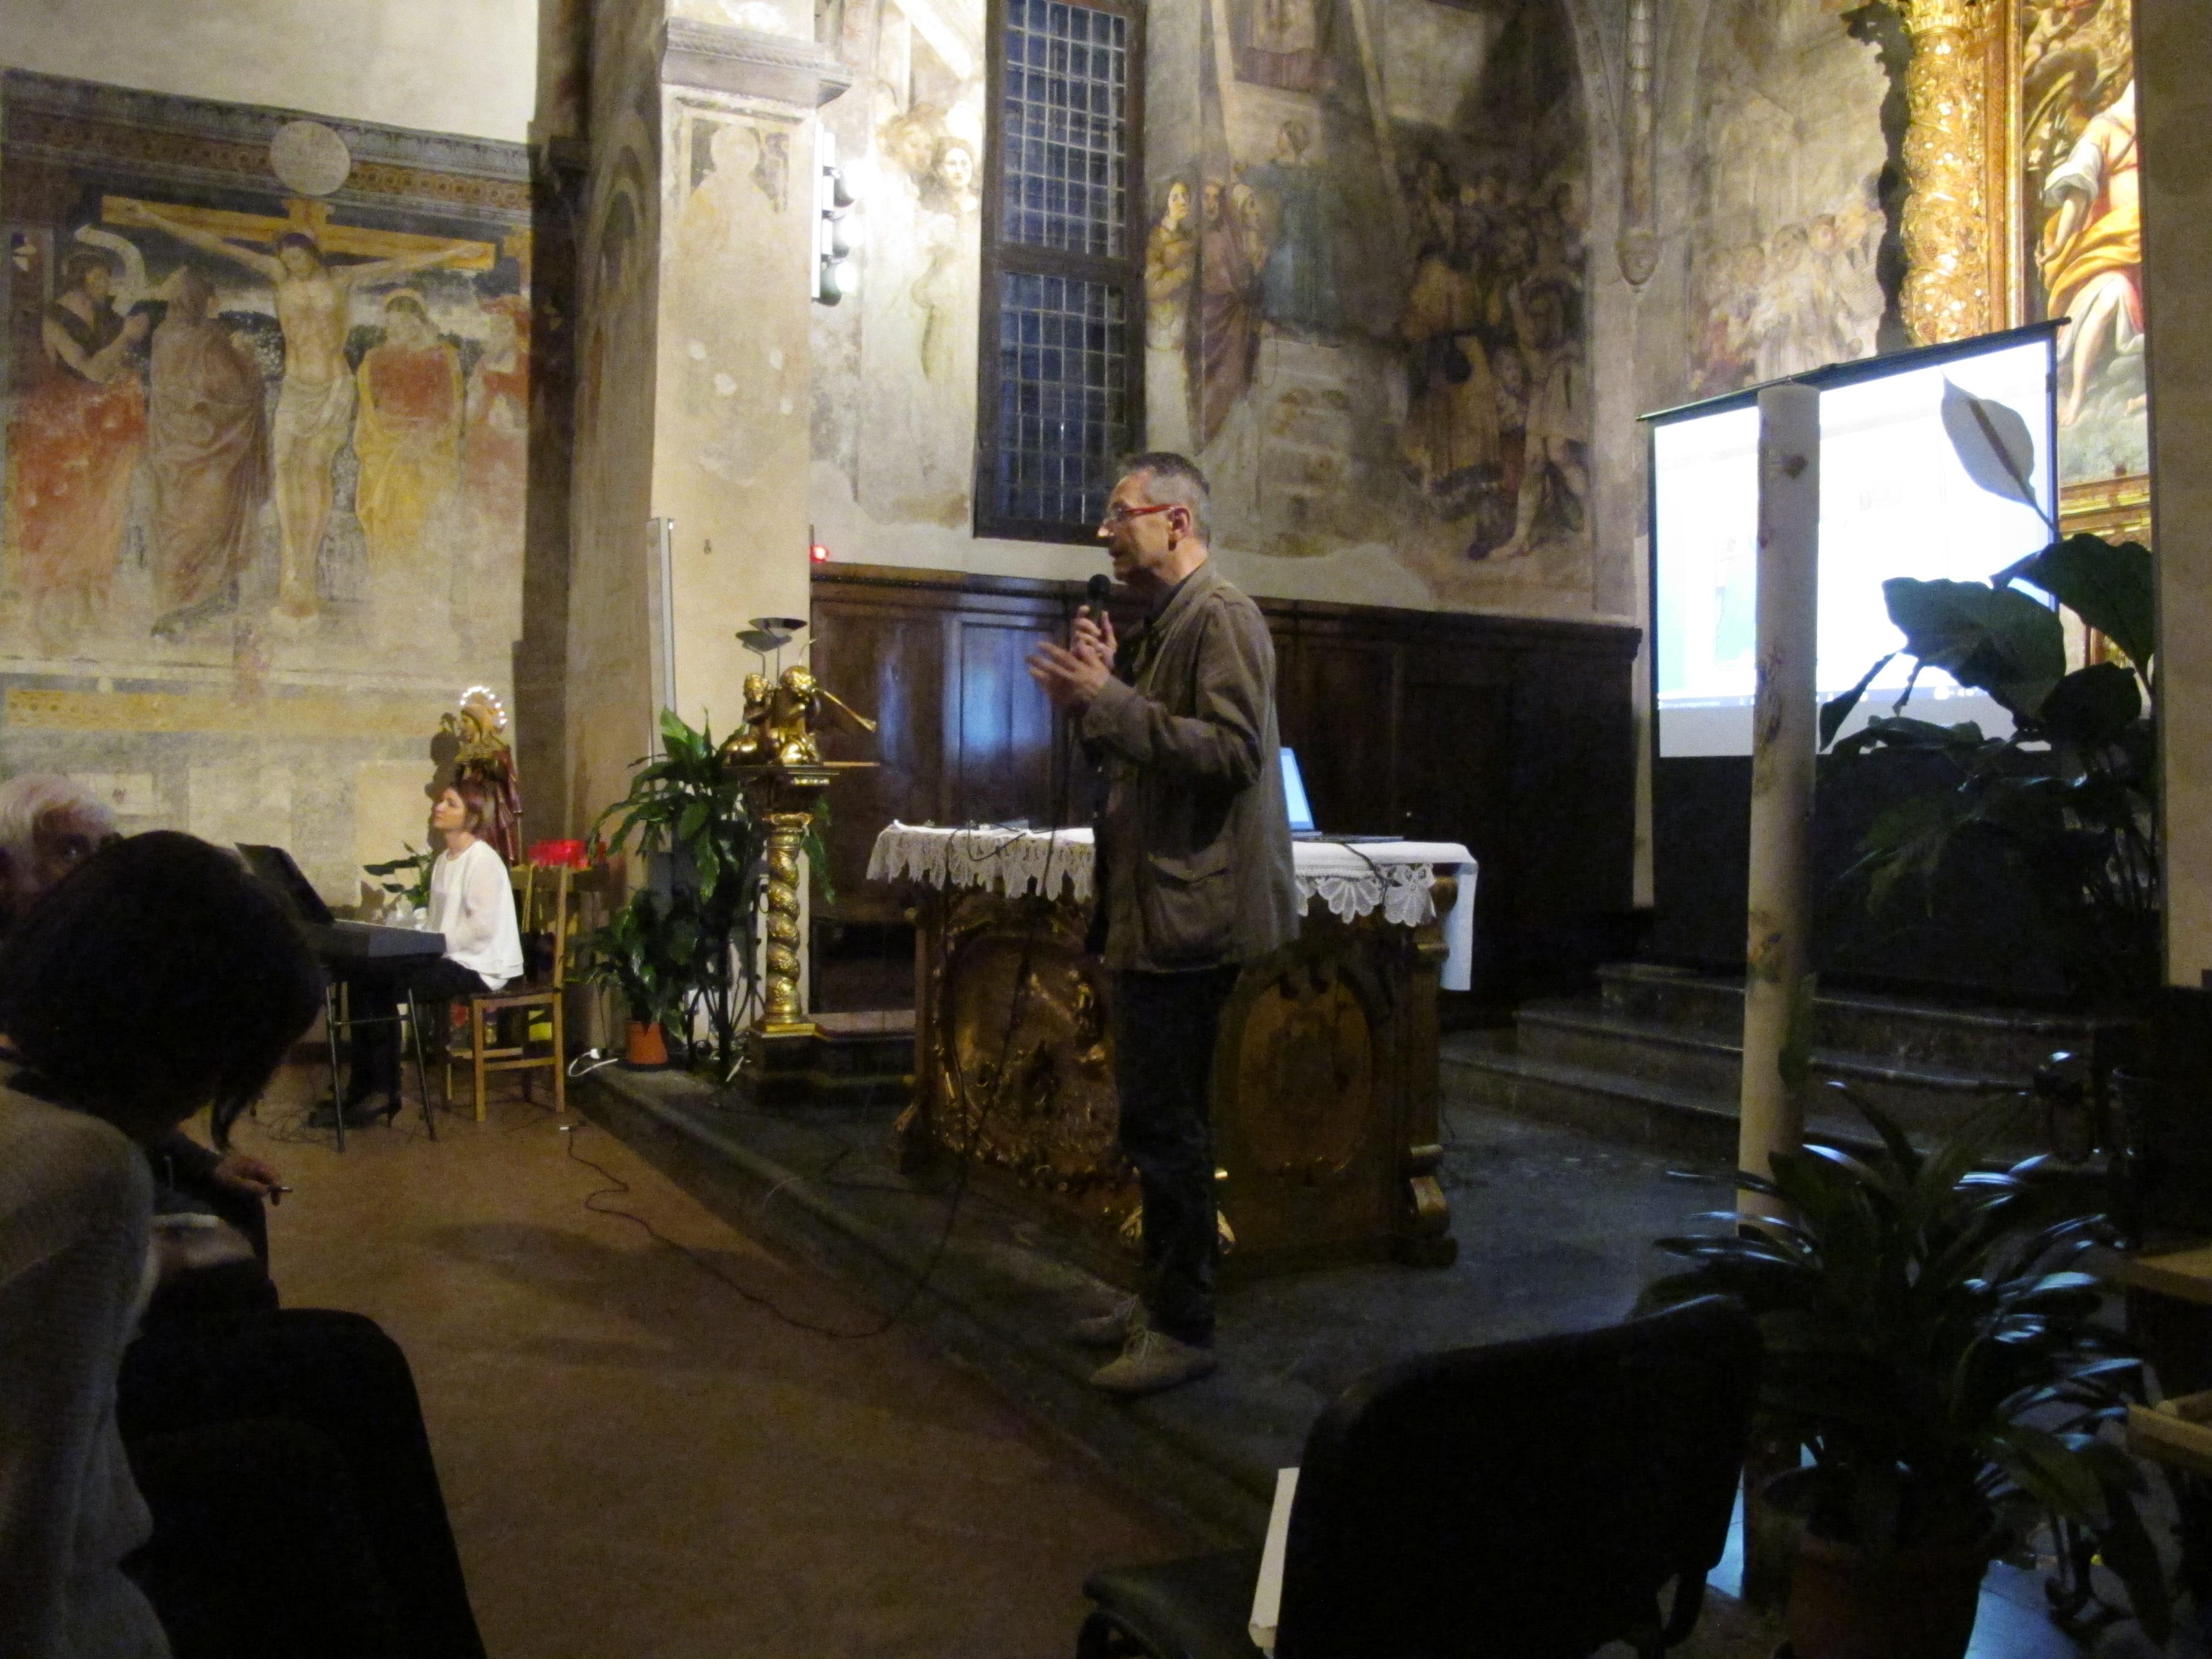 06_presentazione senza Misericordia di Chiara Frugoni_Bienno